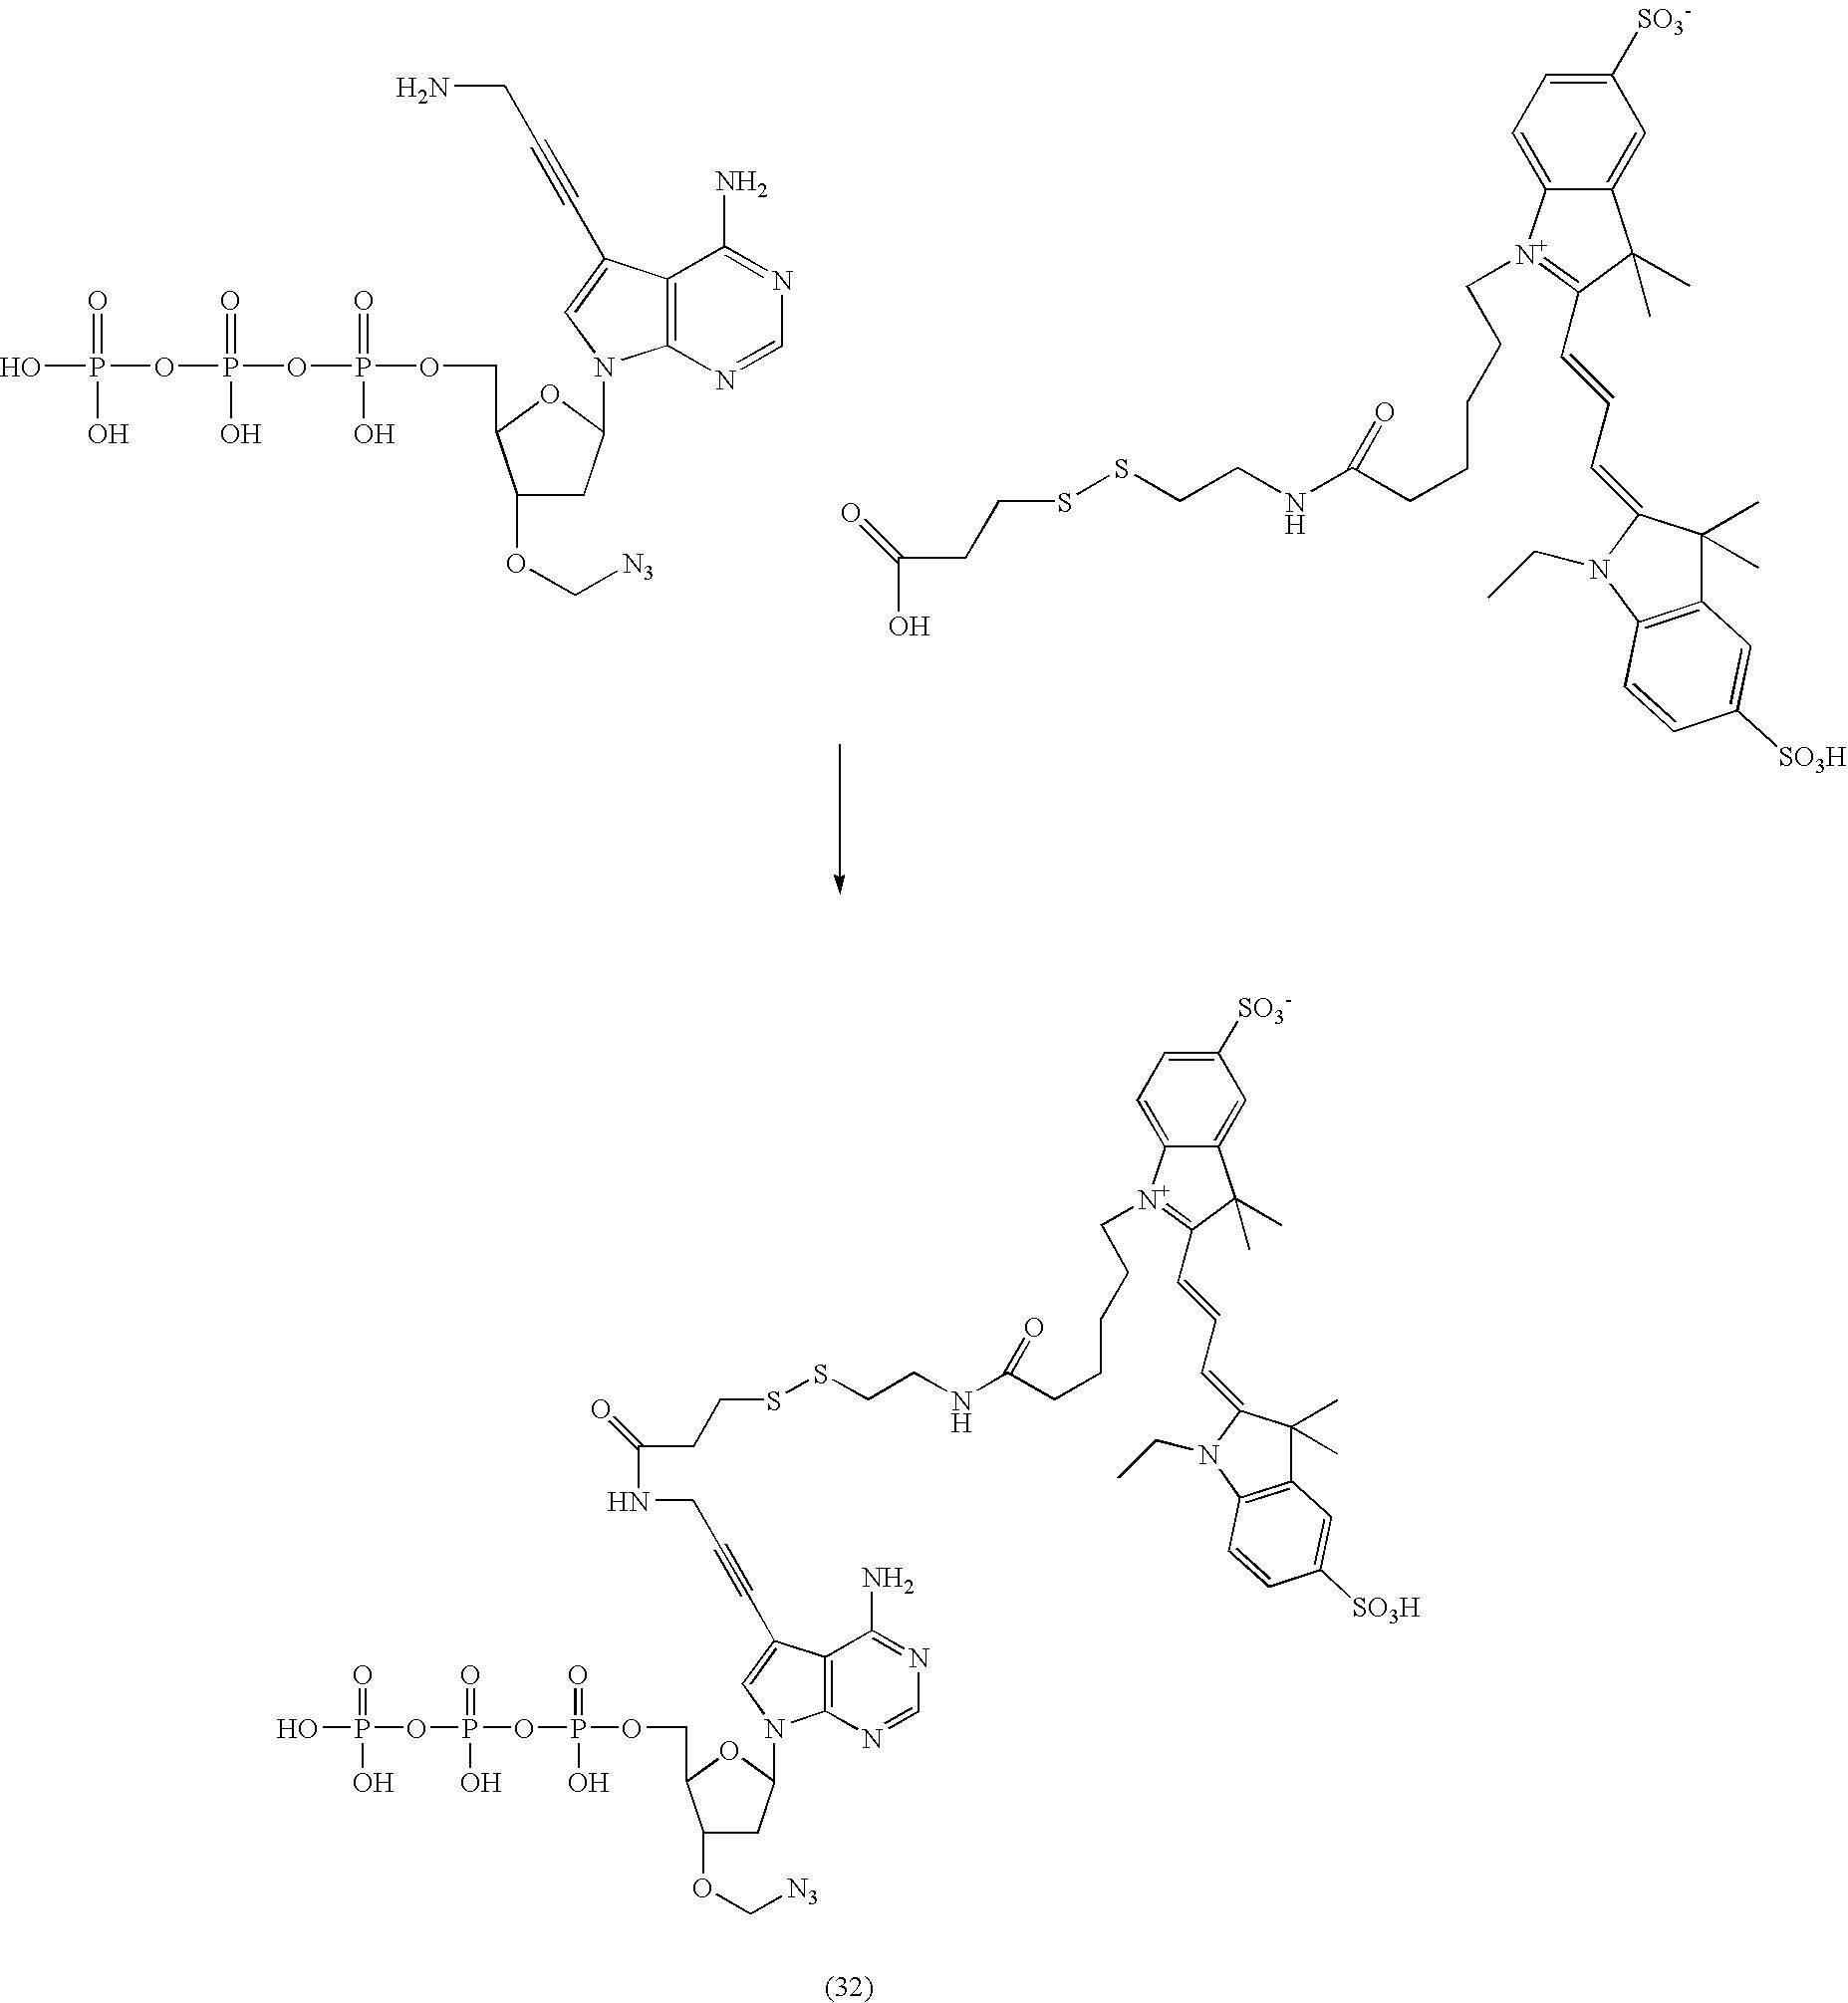 Figure US07541444-20090602-C00038